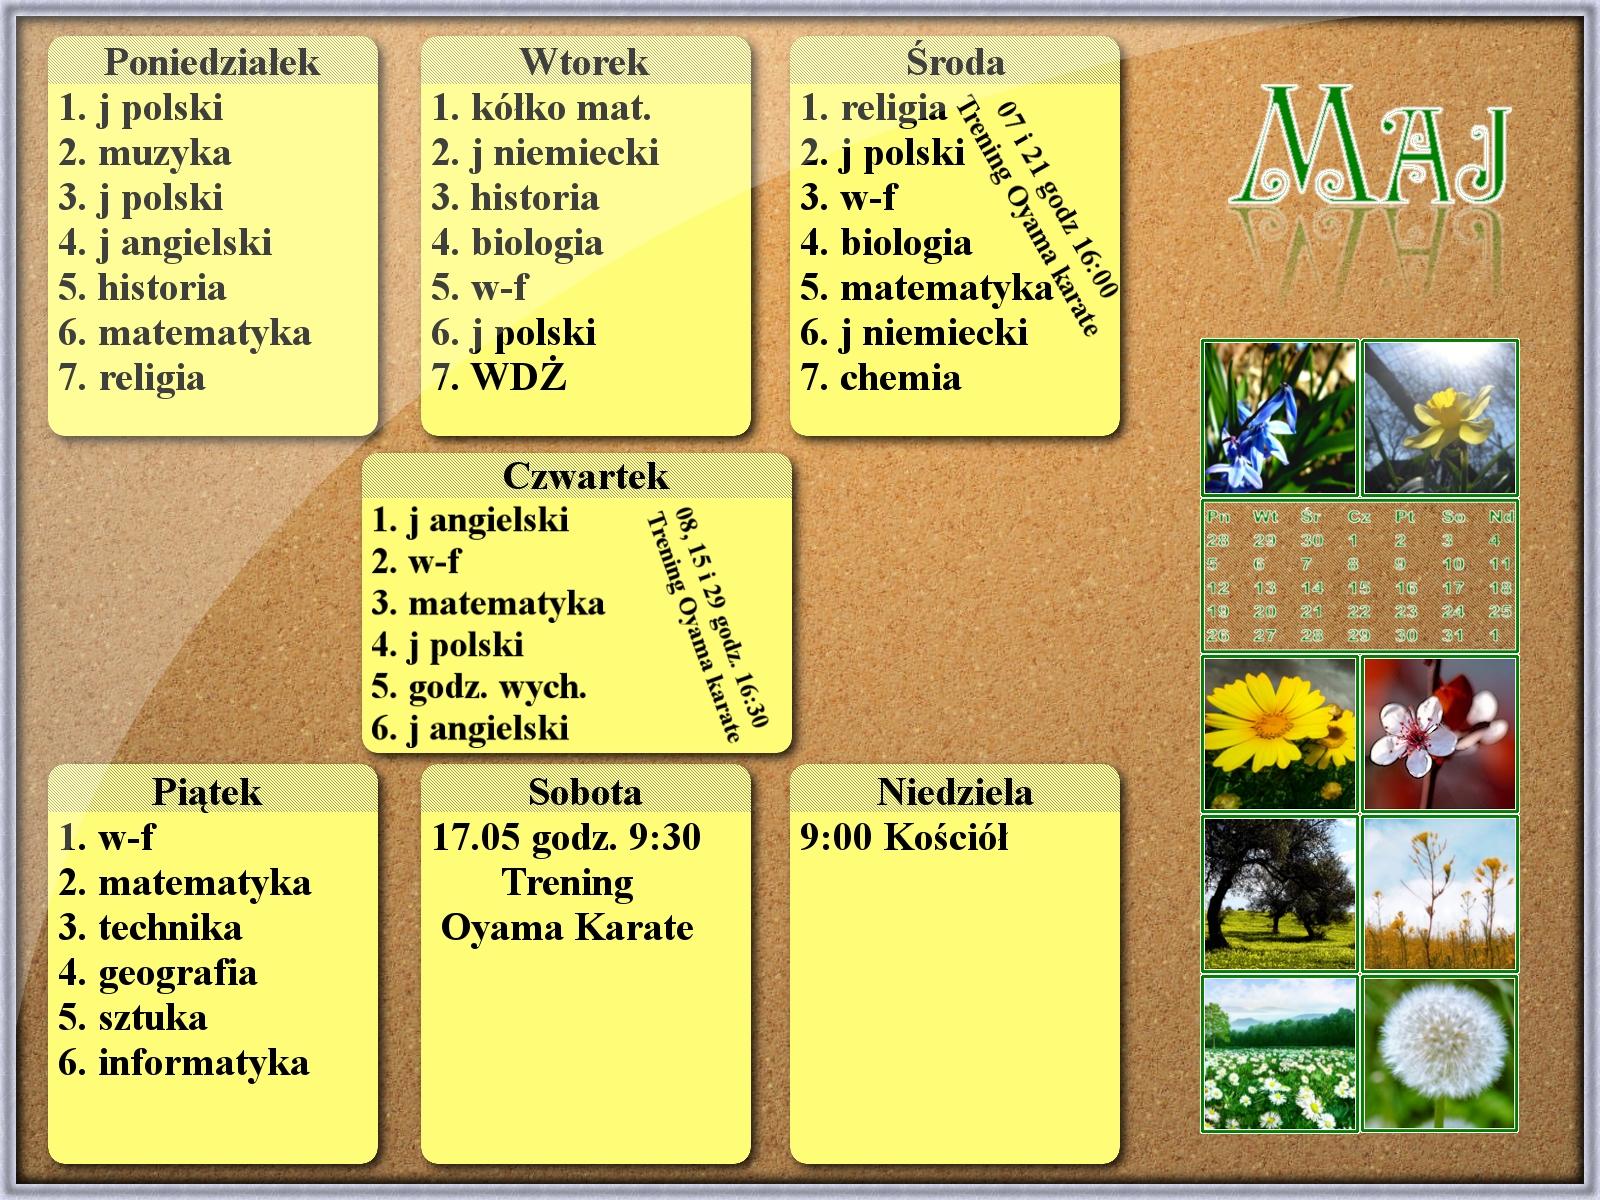 Kalendarz na Maj 2008